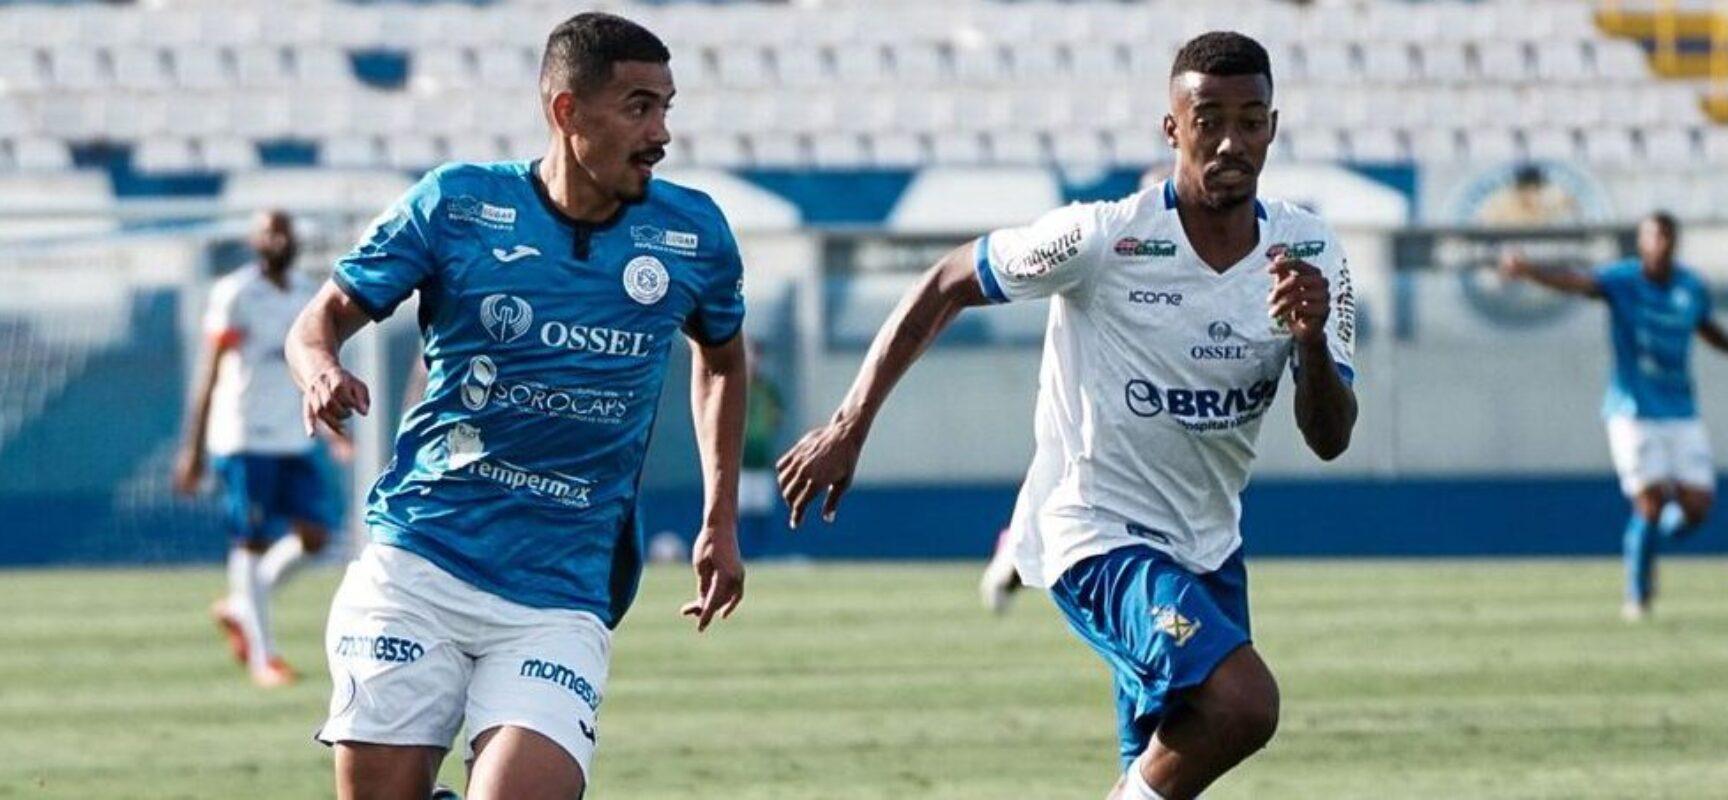 Santo André e São Bento empatam em 1 a 1 pela Série D